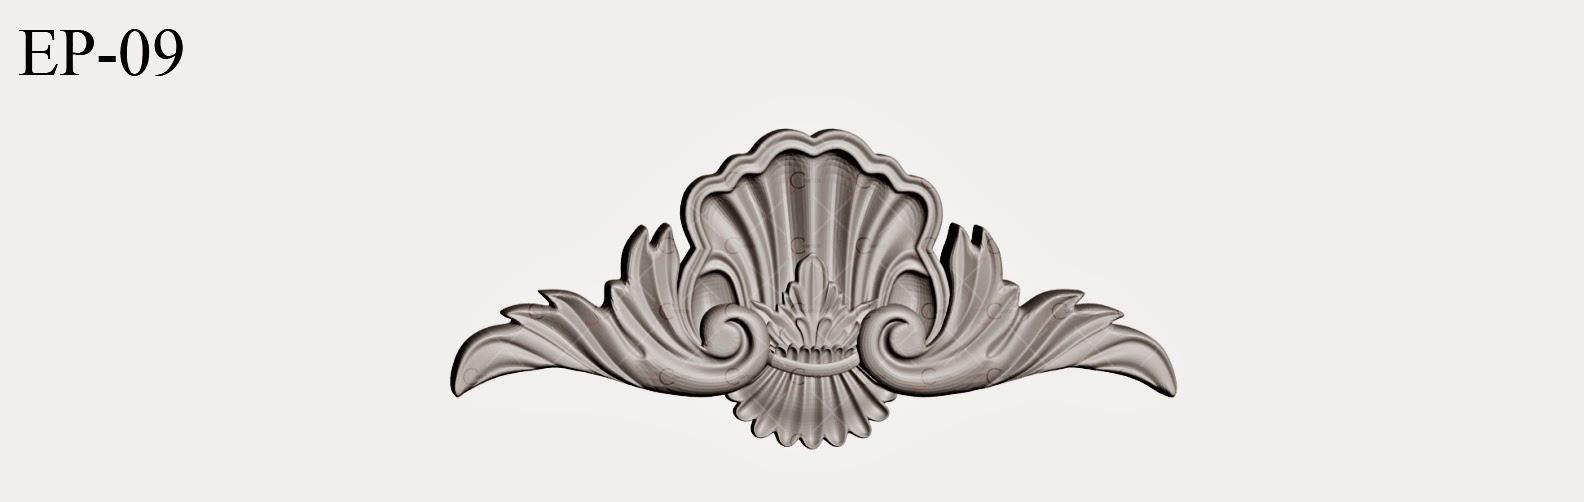 Decoratiuni de perete, producator profile decorative, diferite modele, personalizate, preturi